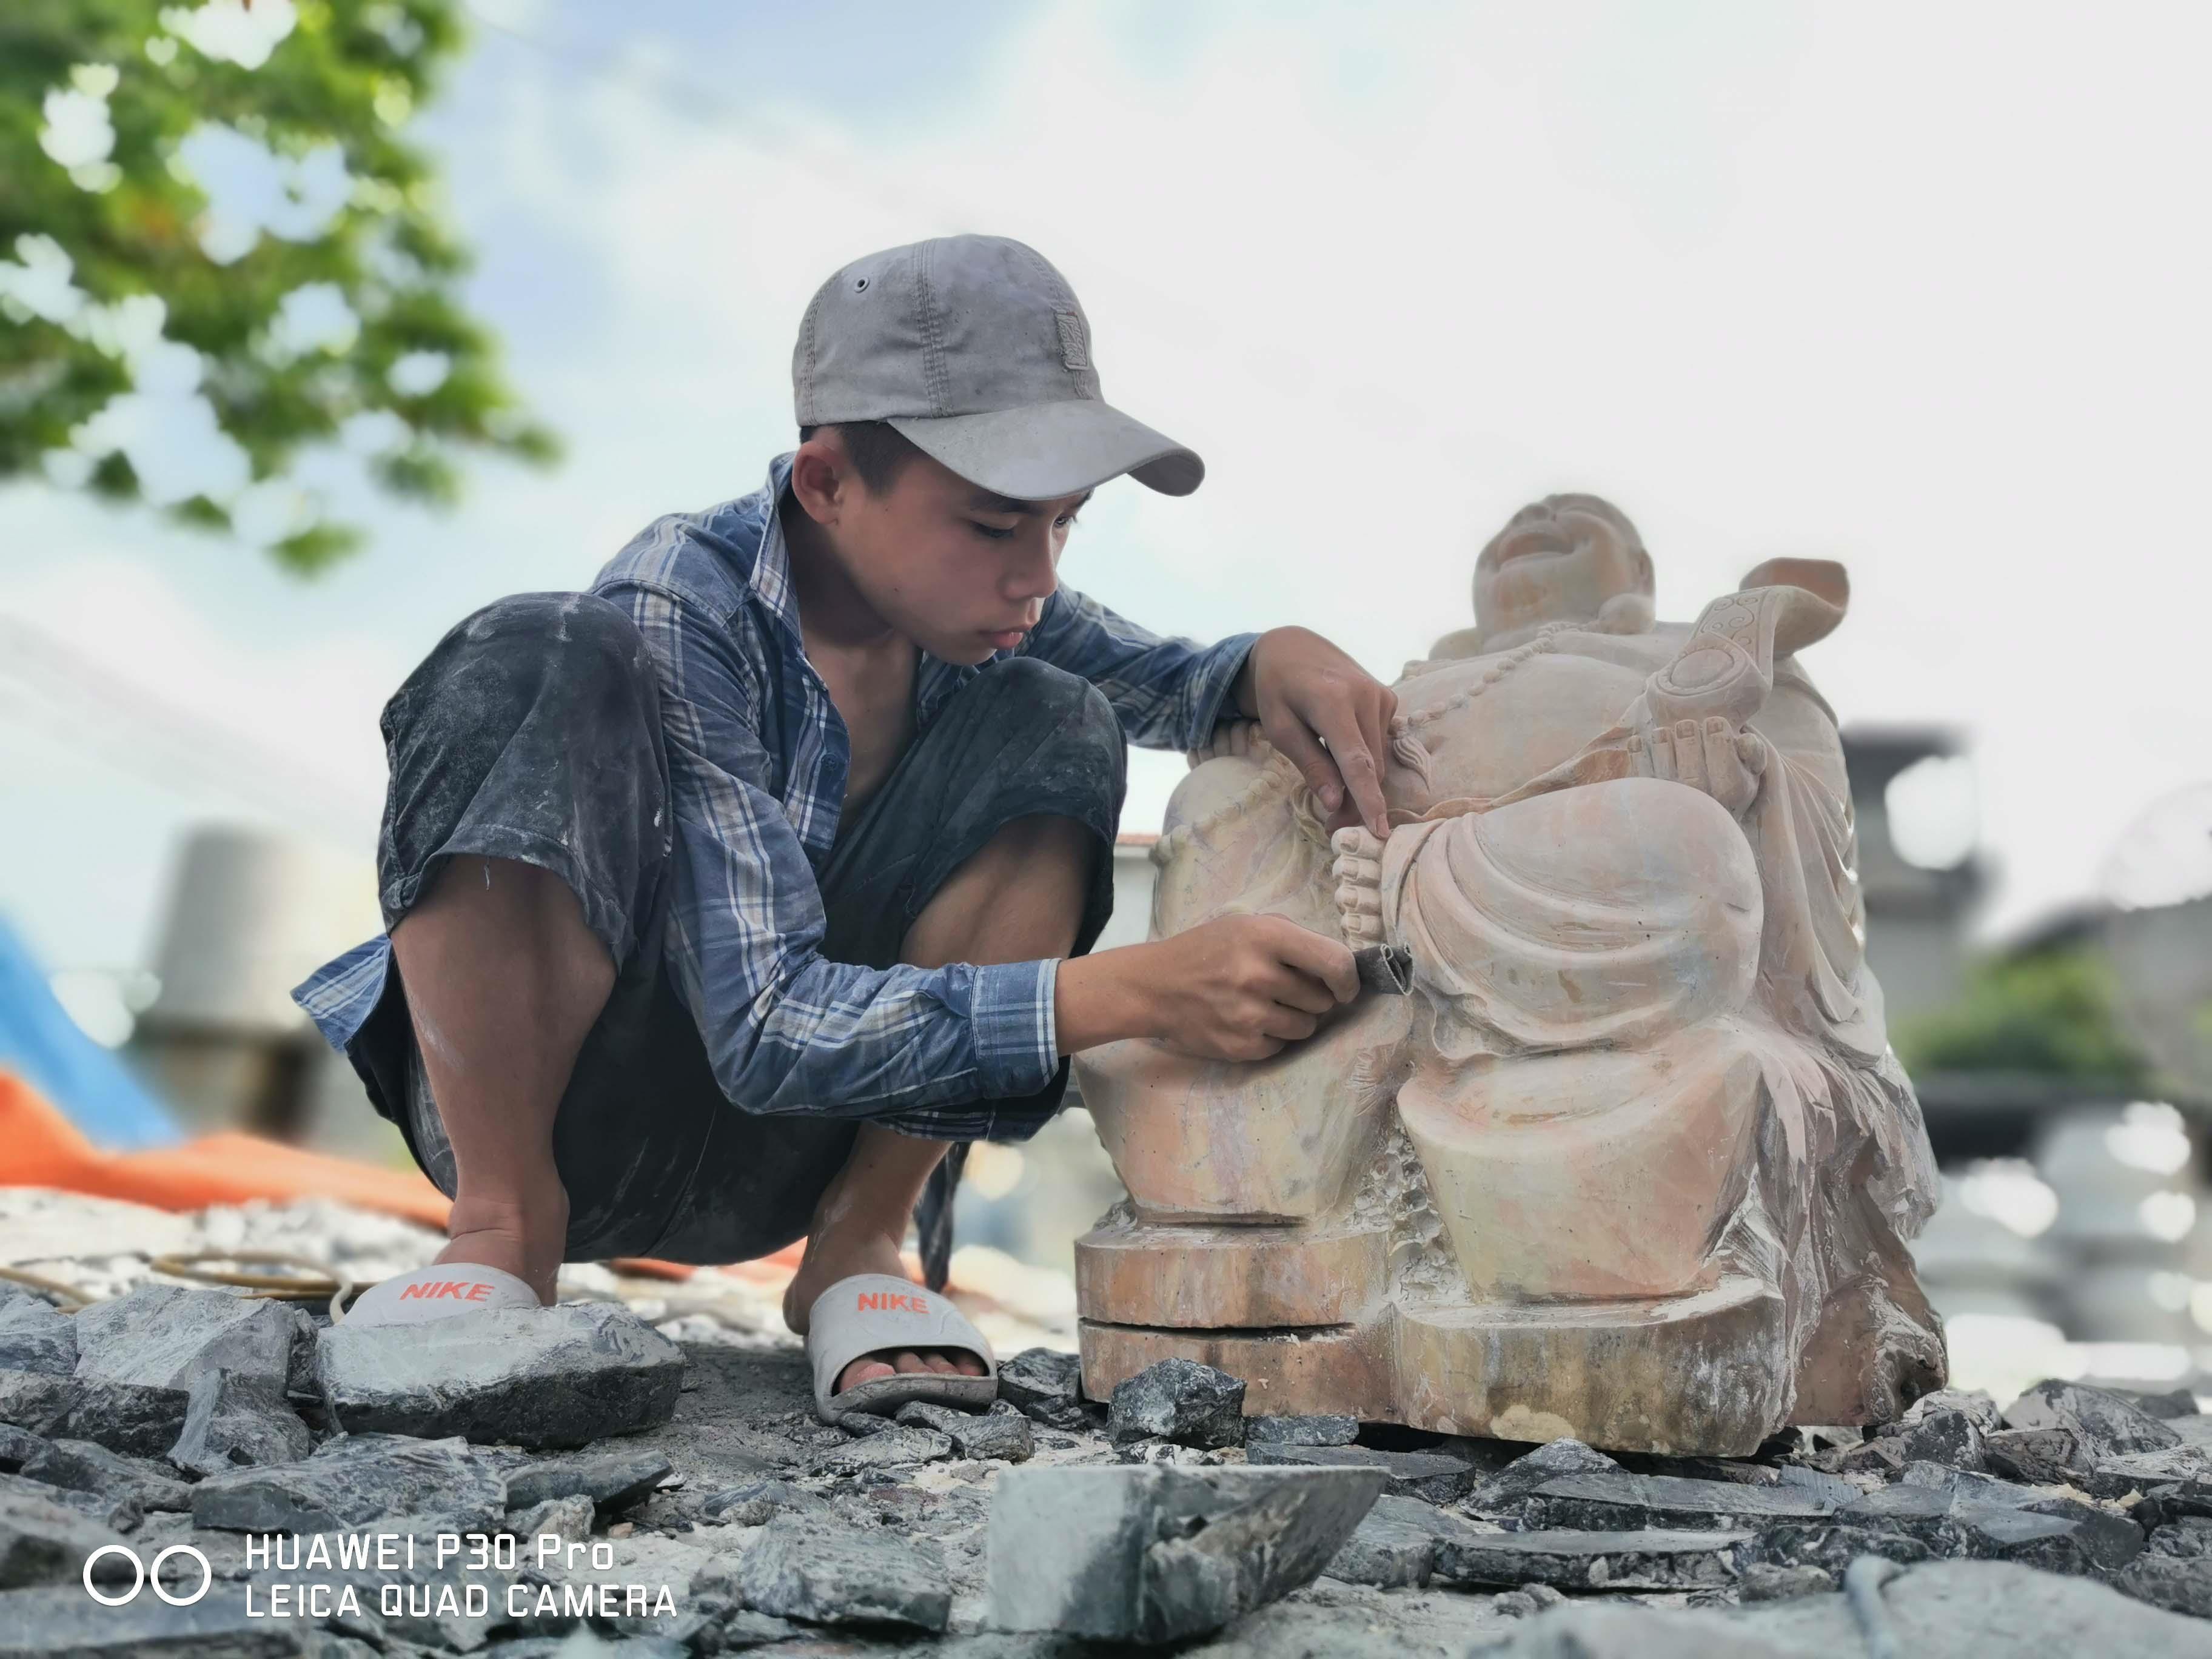 Ninh Binh, Hue sinh dong qua nhung buc hinh biet noi hinh anh 2